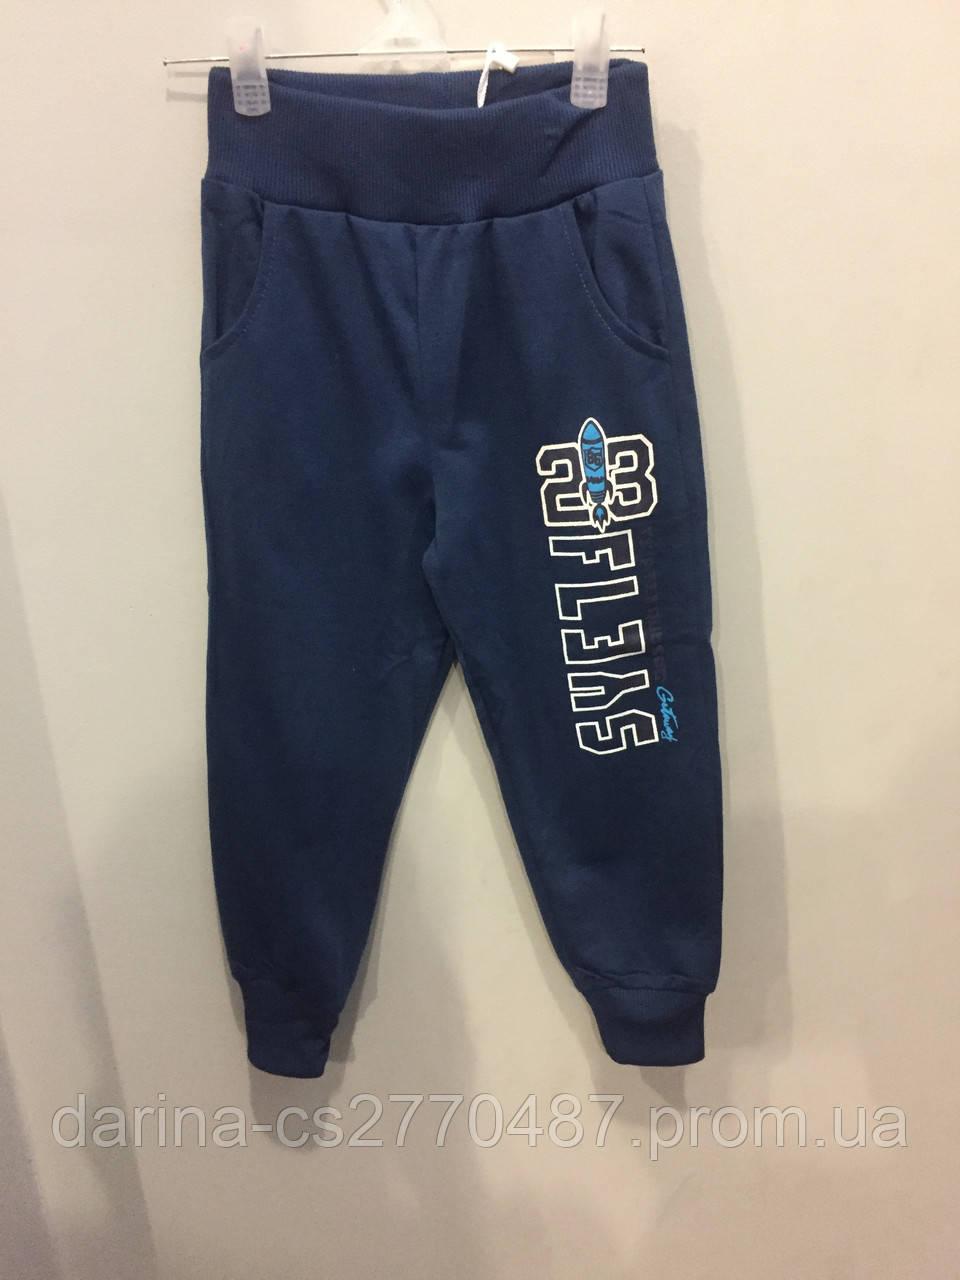 Детские спортивные штаны с принтом для мальчика 98,110 см